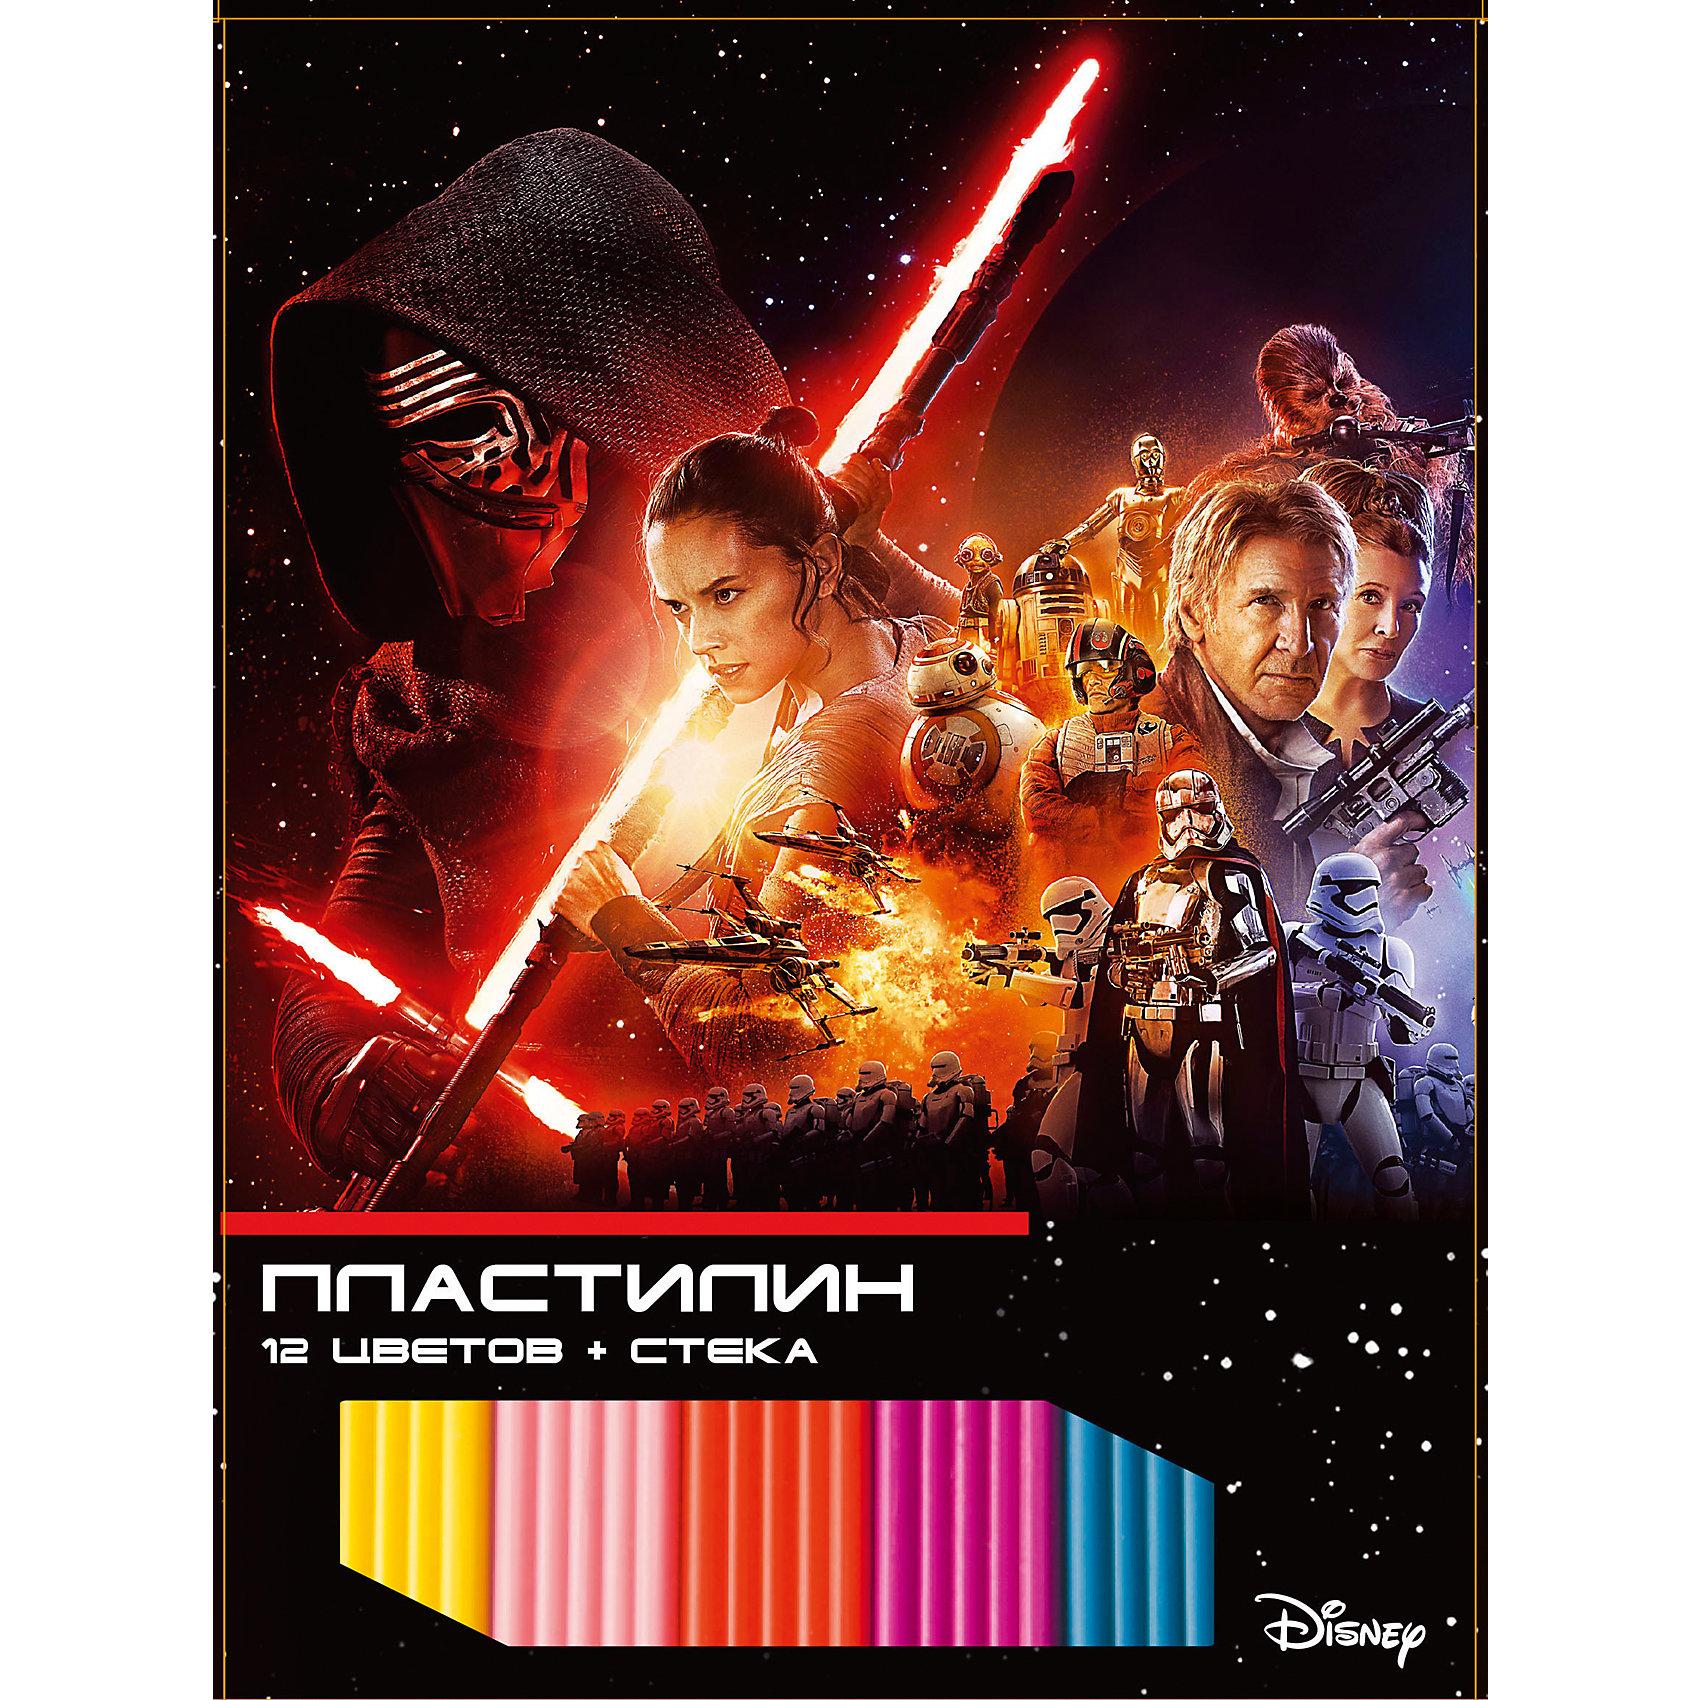 Пластилин Звездные войны 12 цветов, 240 гПластилин Звездные войны 12 цветов, 240 г, Centrum (Центрум)<br><br>Характеристики:<br><br>•яркие цвета<br>• хорошо мнется<br>• привлекательная упаковка с любимыми героями <br>• размер упаковки: 1,5х22х14,5 см<br>•в комплекте: 12 брусков пластилина, стек<br>• вес: 240 грамм<br><br>Лепка из пластилина - очень увлекательное занятие, особенно если за дело берутся отважные герои Звездных войн. Набор пластилина от Centrum содержит 12 брусочков пластилина. Он хорошо мнется и не липнет к рукам. Также в наборе есть стек, который поможет ребенку отделить необходимое количество пластилина.<br><br>Пластилин Звездные войны 12 цветов, 240 г, Centrum (Центрум) вы можете купить в нашем интернет-магазине.<br><br>Ширина мм: 15<br>Глубина мм: 145<br>Высота мм: 220<br>Вес г: 250<br>Возраст от месяцев: 36<br>Возраст до месяцев: 120<br>Пол: Мужской<br>Возраст: Детский<br>SKU: 5175399